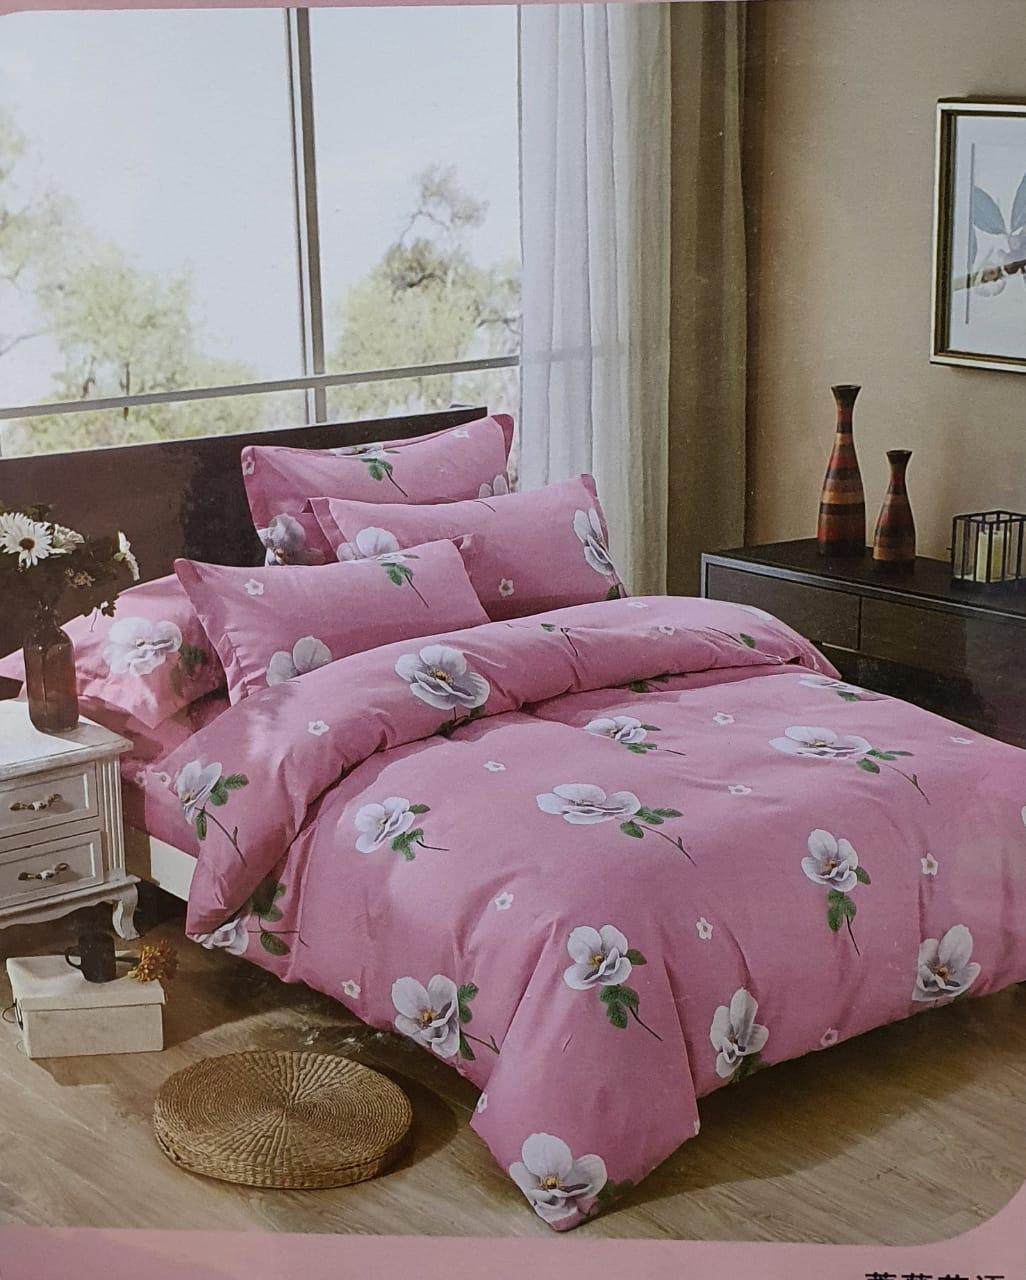 King size bedsheet set 7